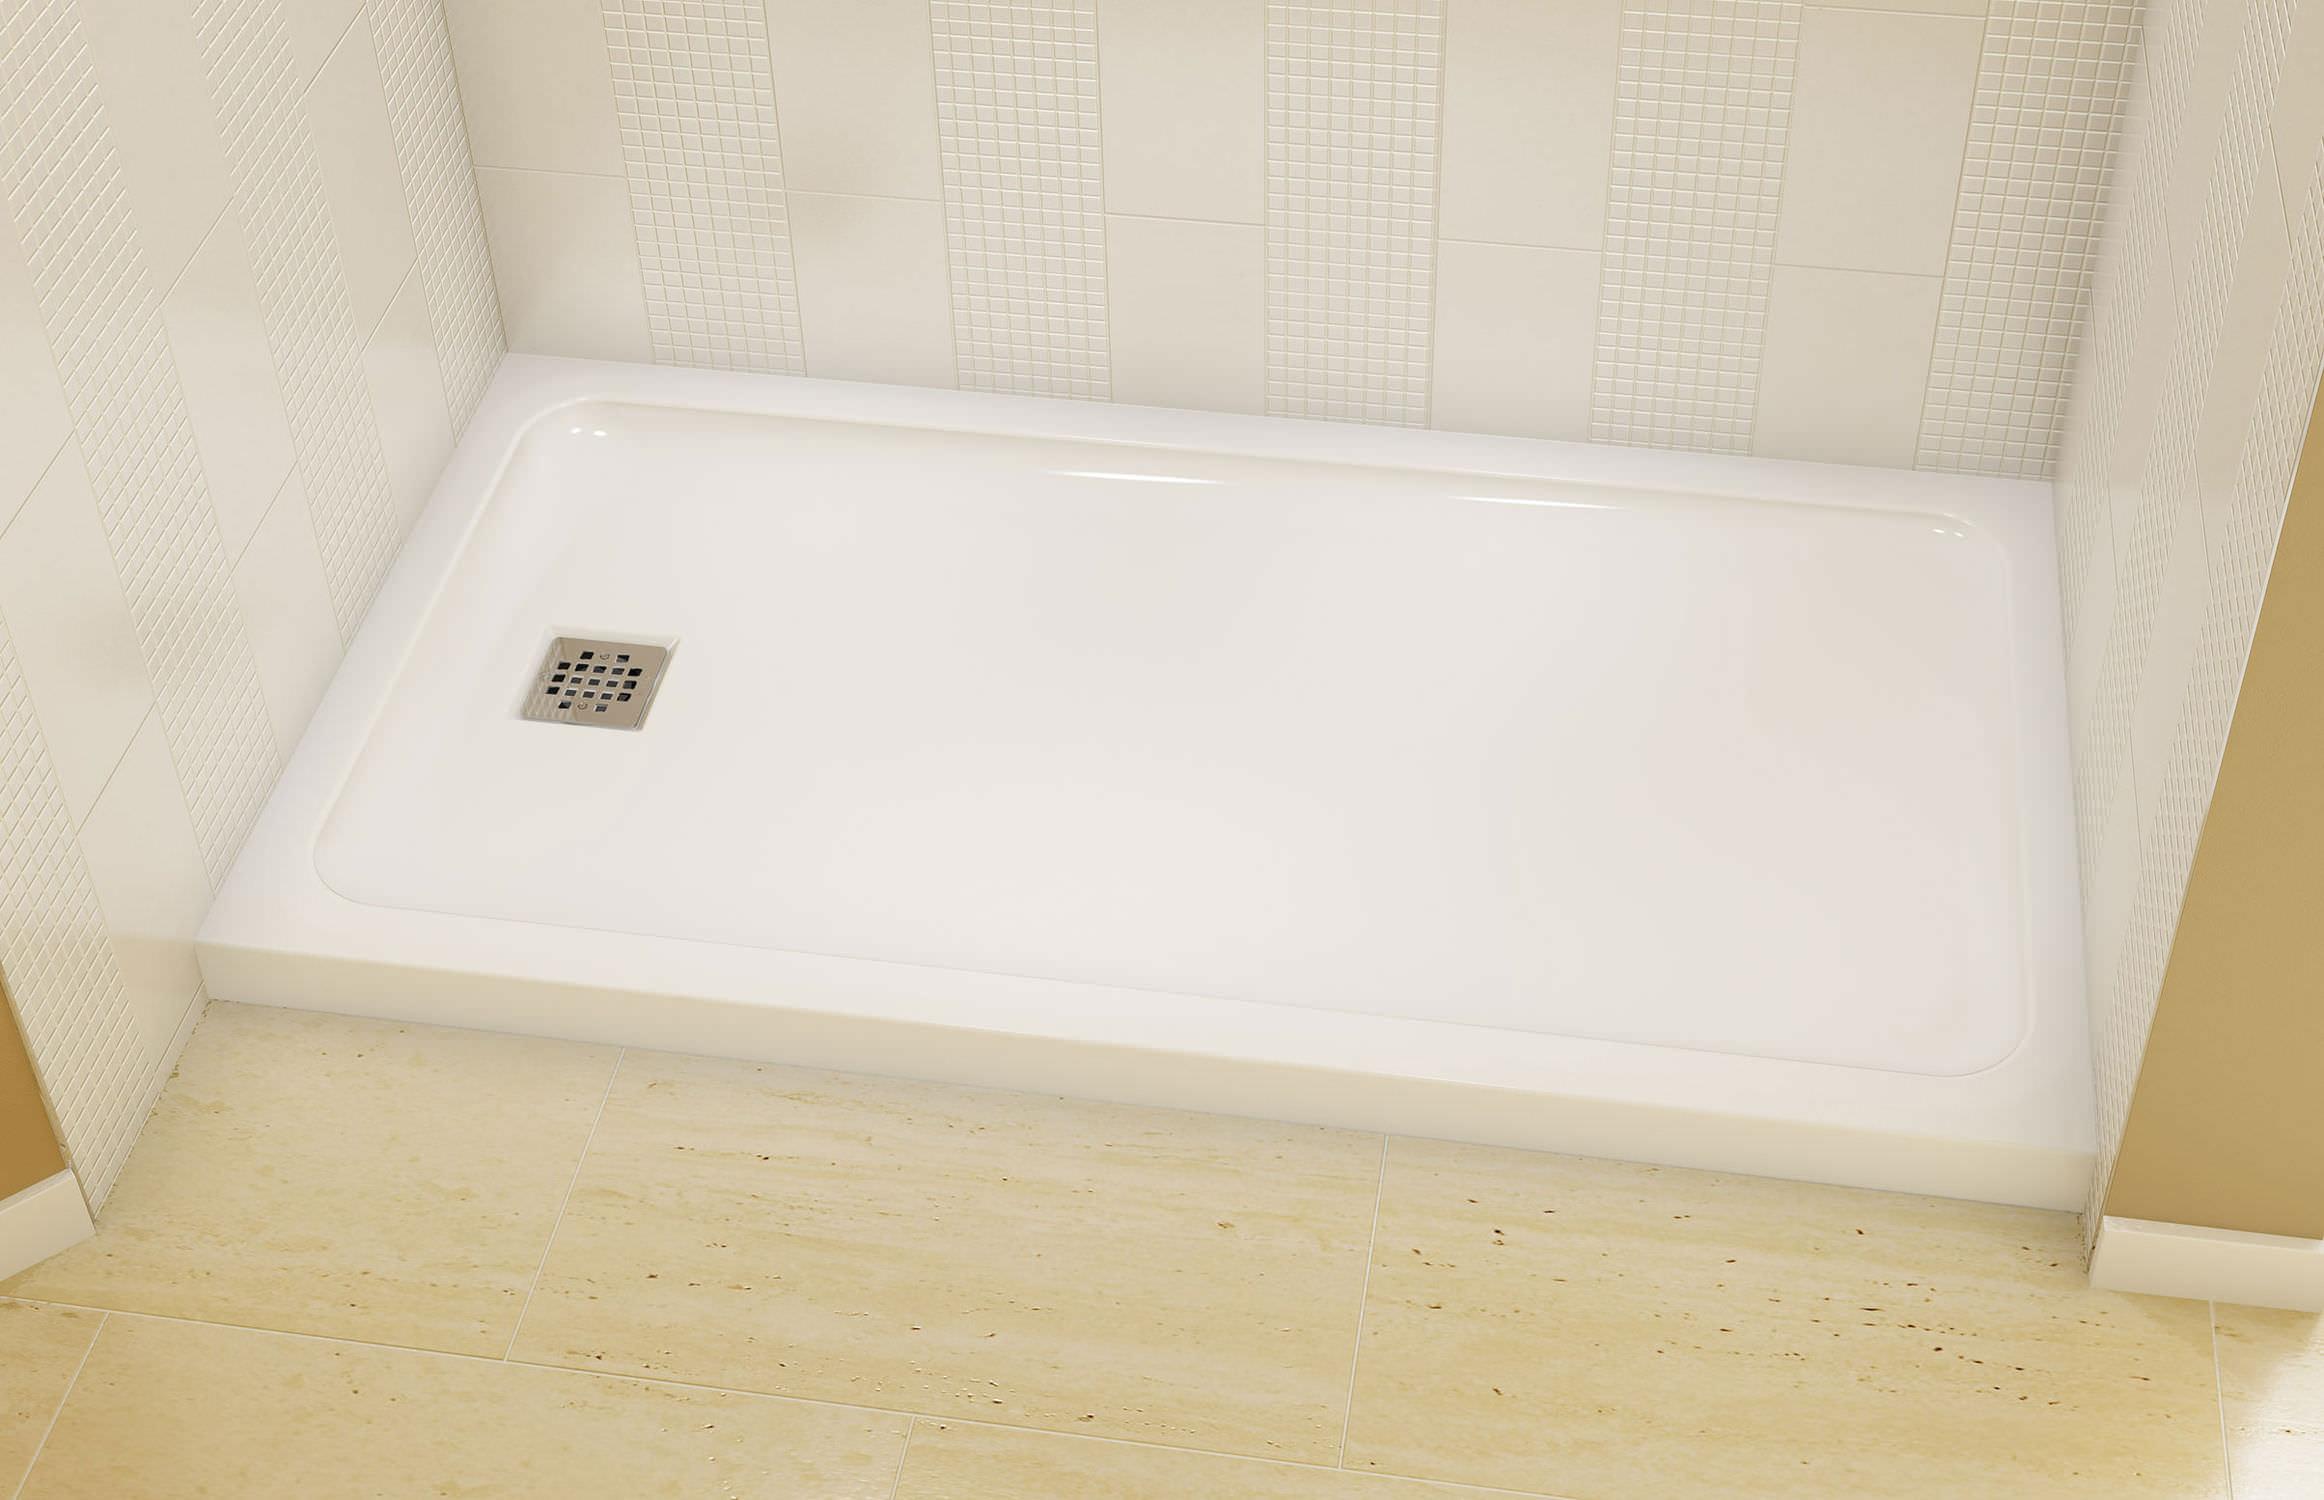 Maax Shower Pans - Shower Designs